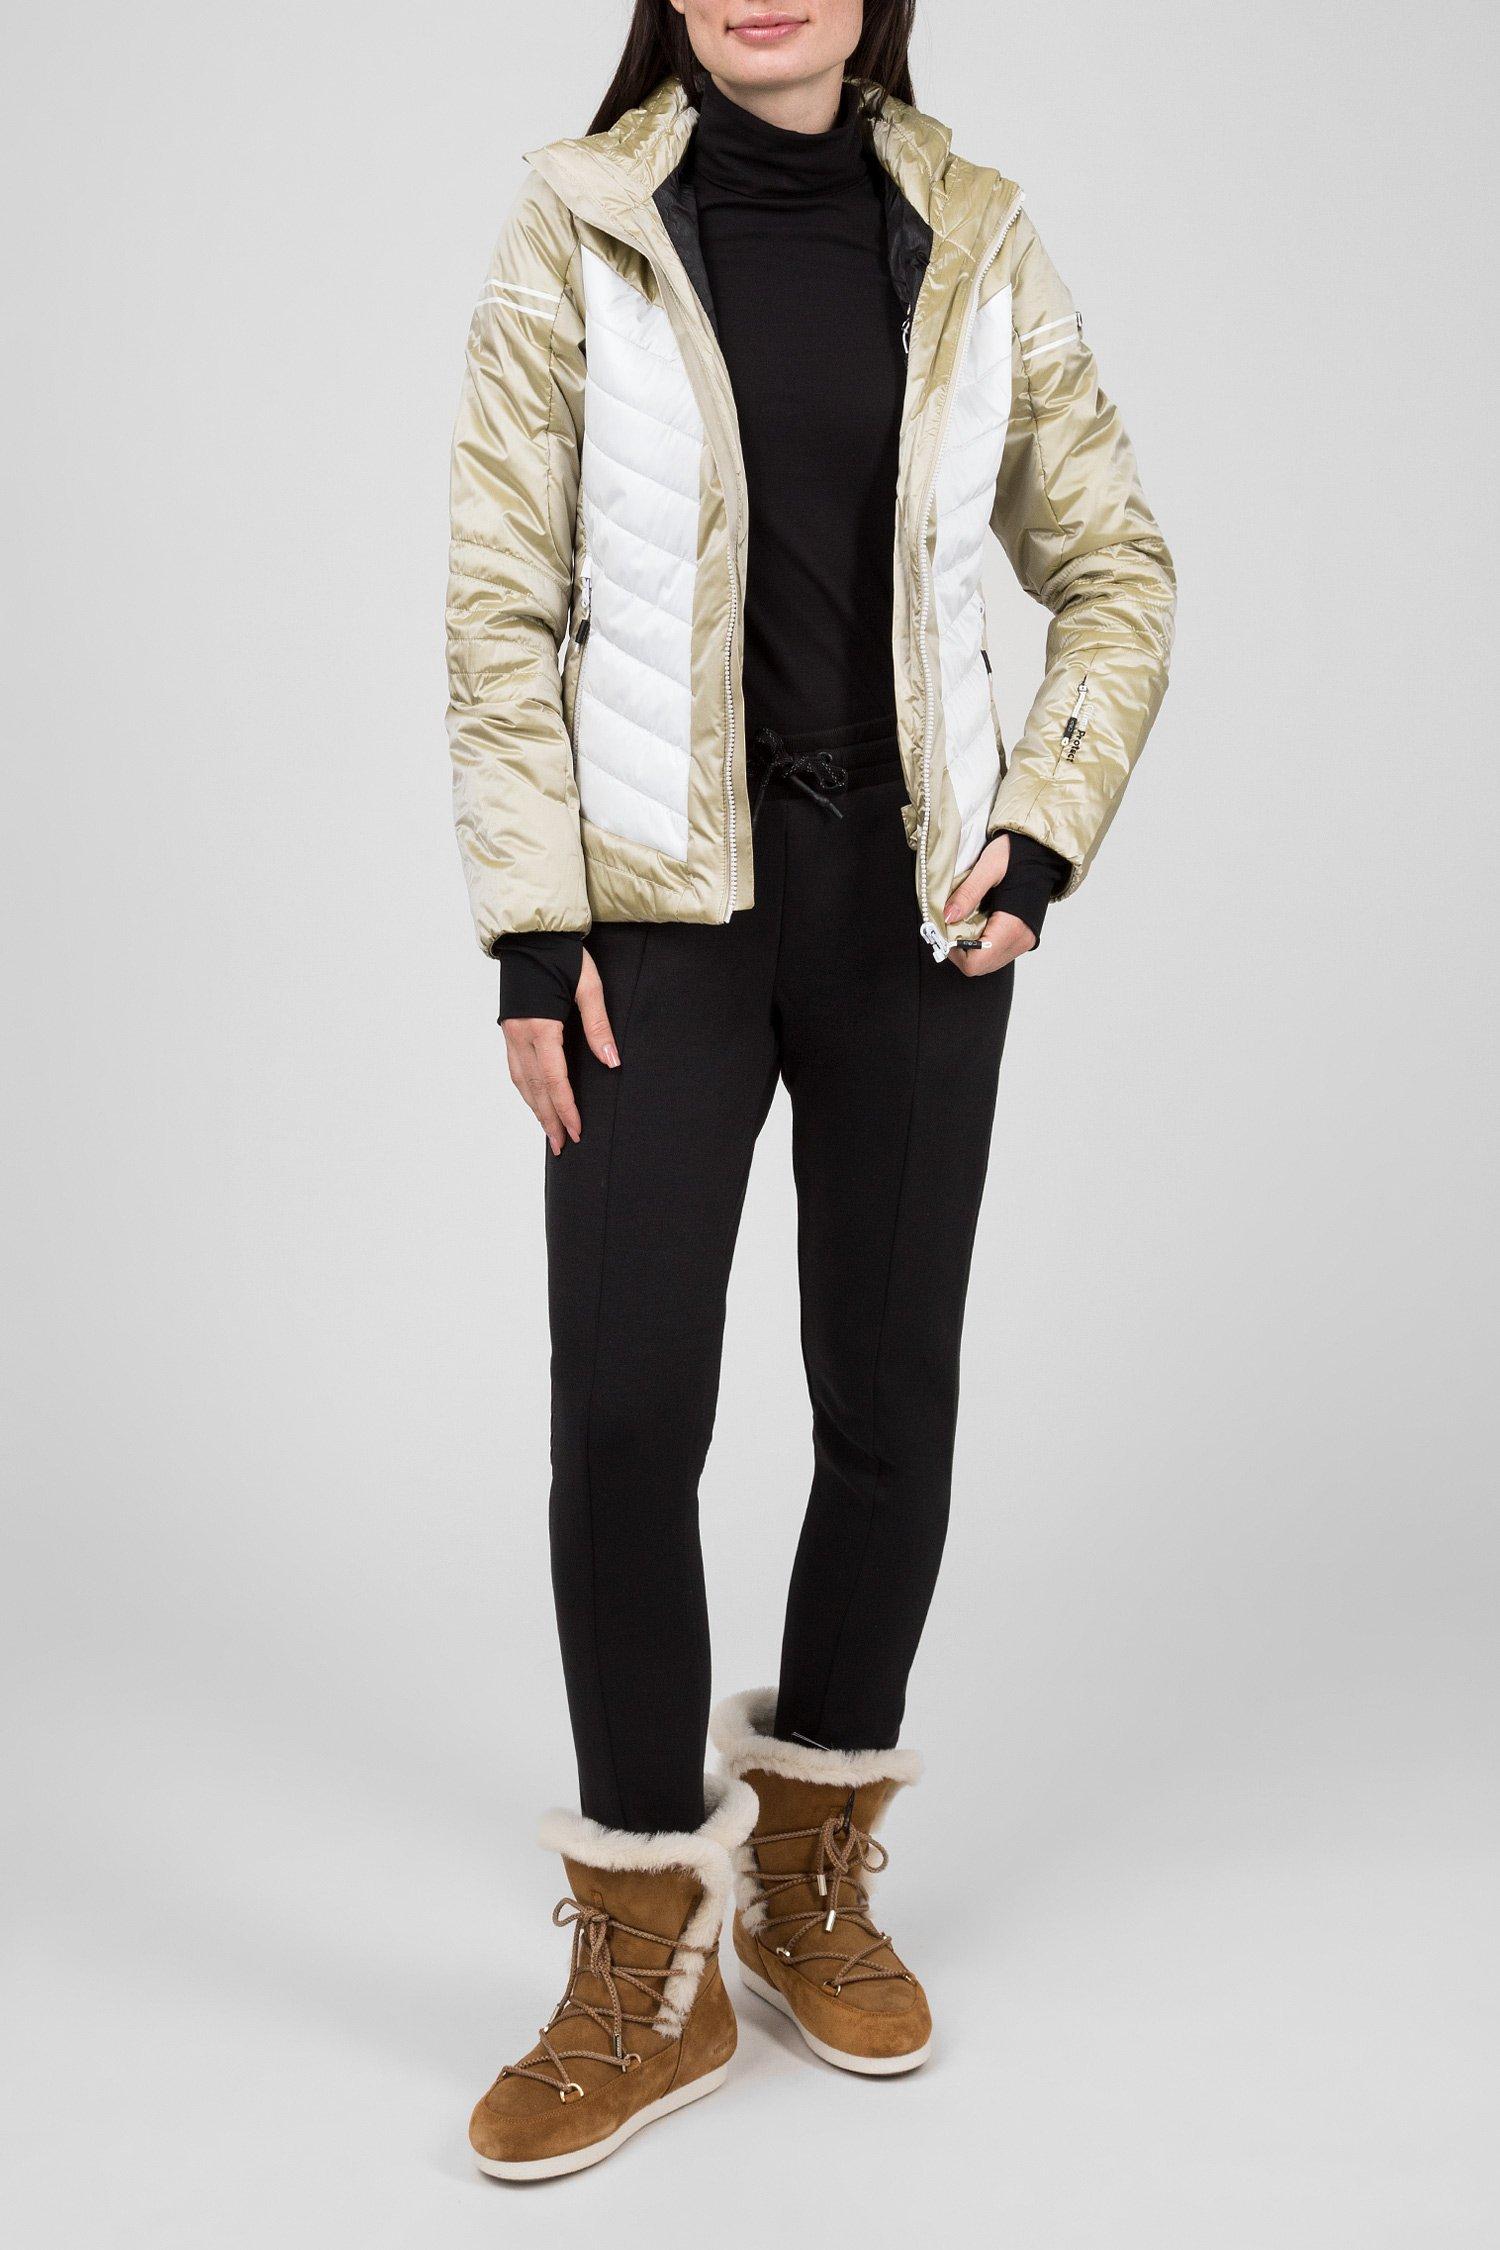 Купить Женская золотистая лыжная куртка CMP CMP 38W0756-A516 – Киев, Украина. Цены в интернет магазине MD Fashion